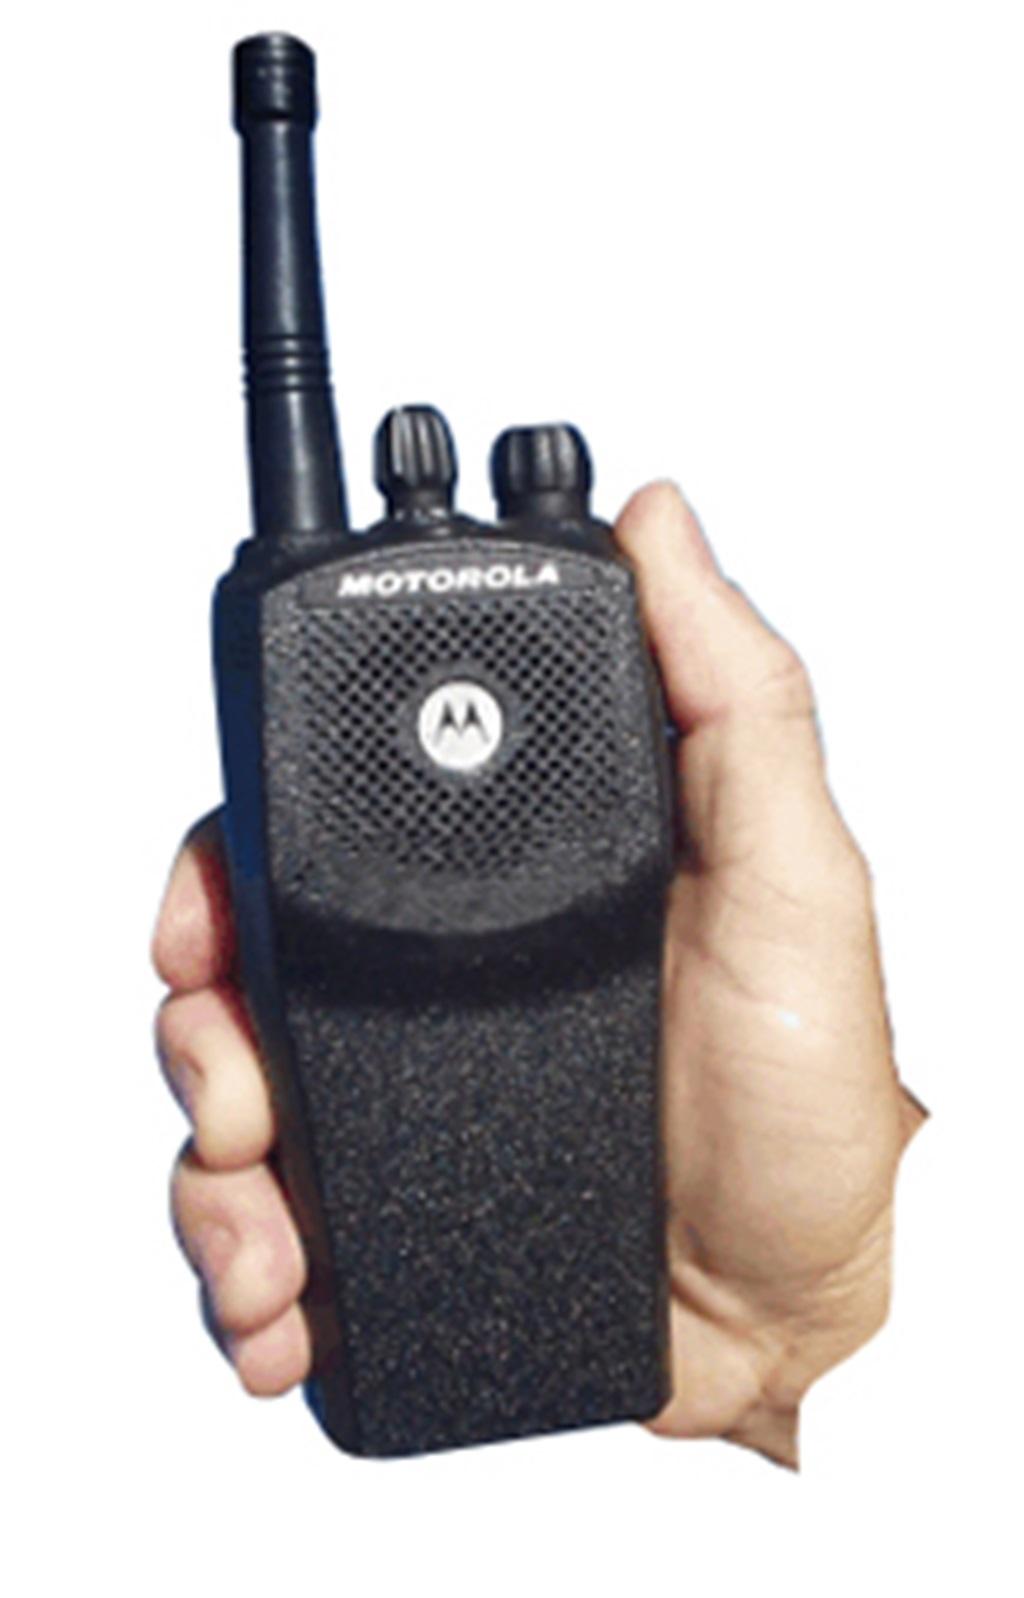 Kit de reparo para Motorola EP450